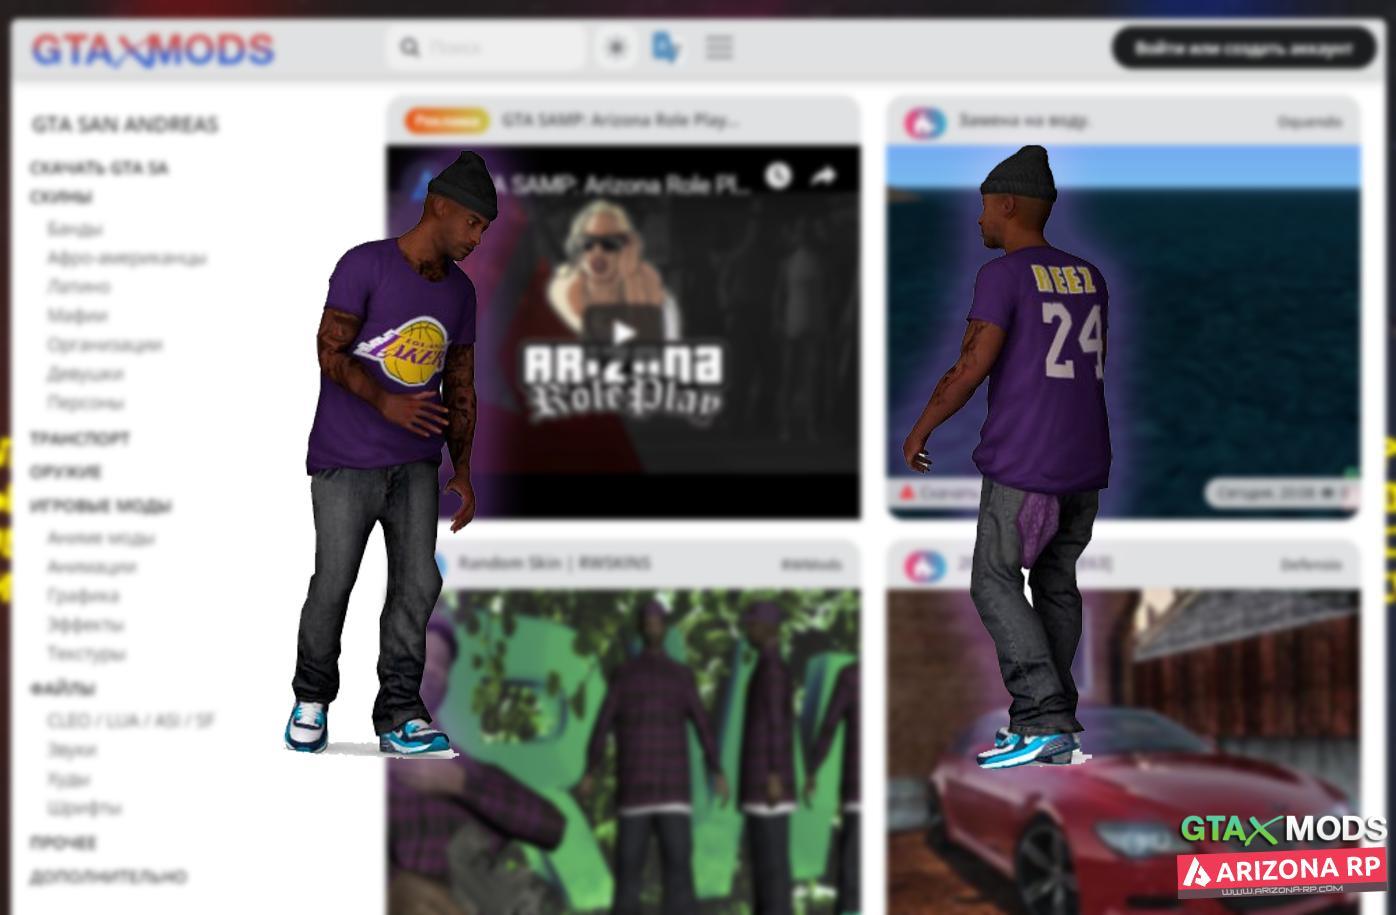 [HQ] Lakers Ballas Member